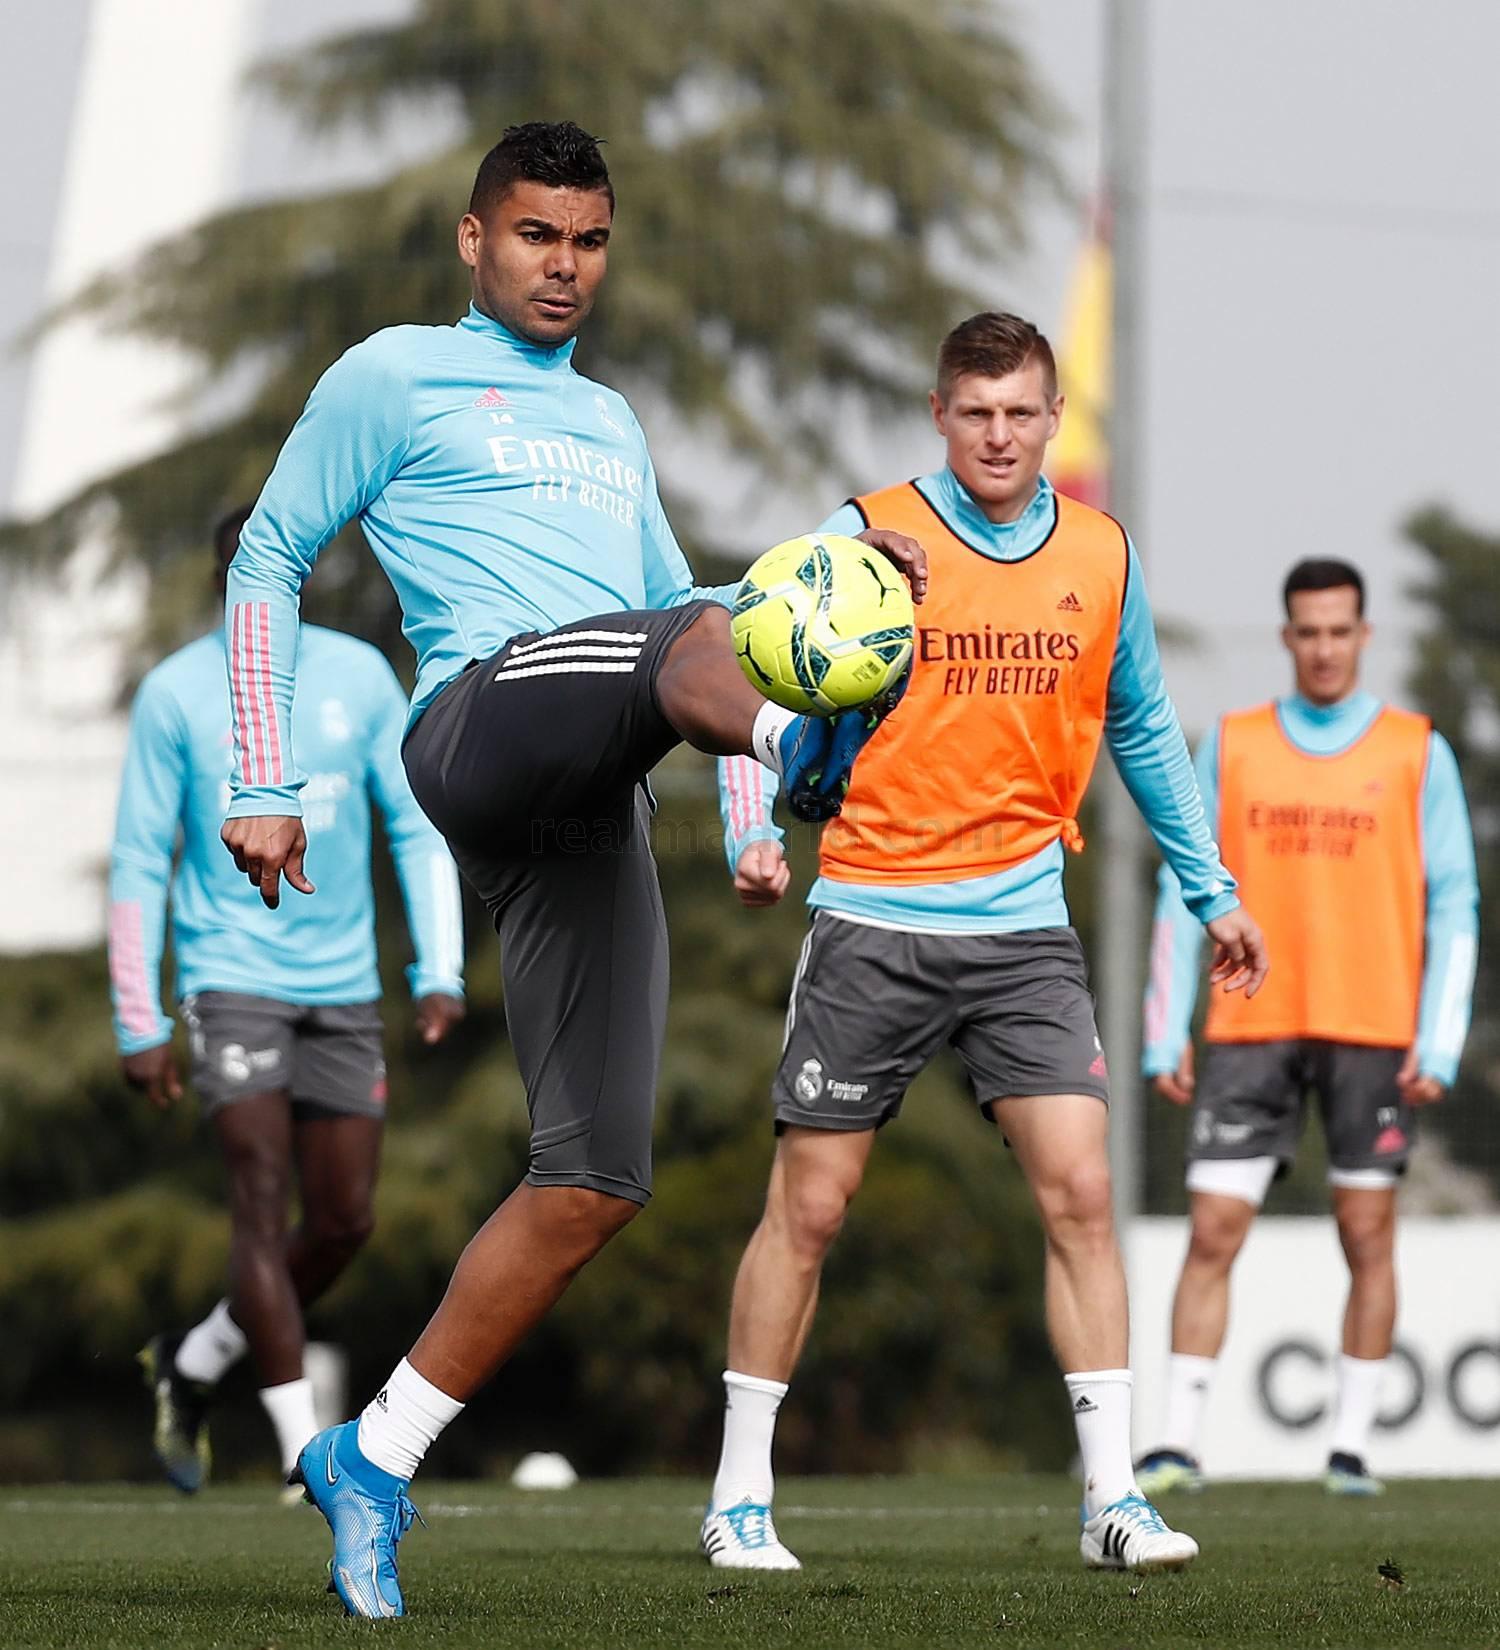 Entrenamiento del Real Madrid  - 12-04-2021